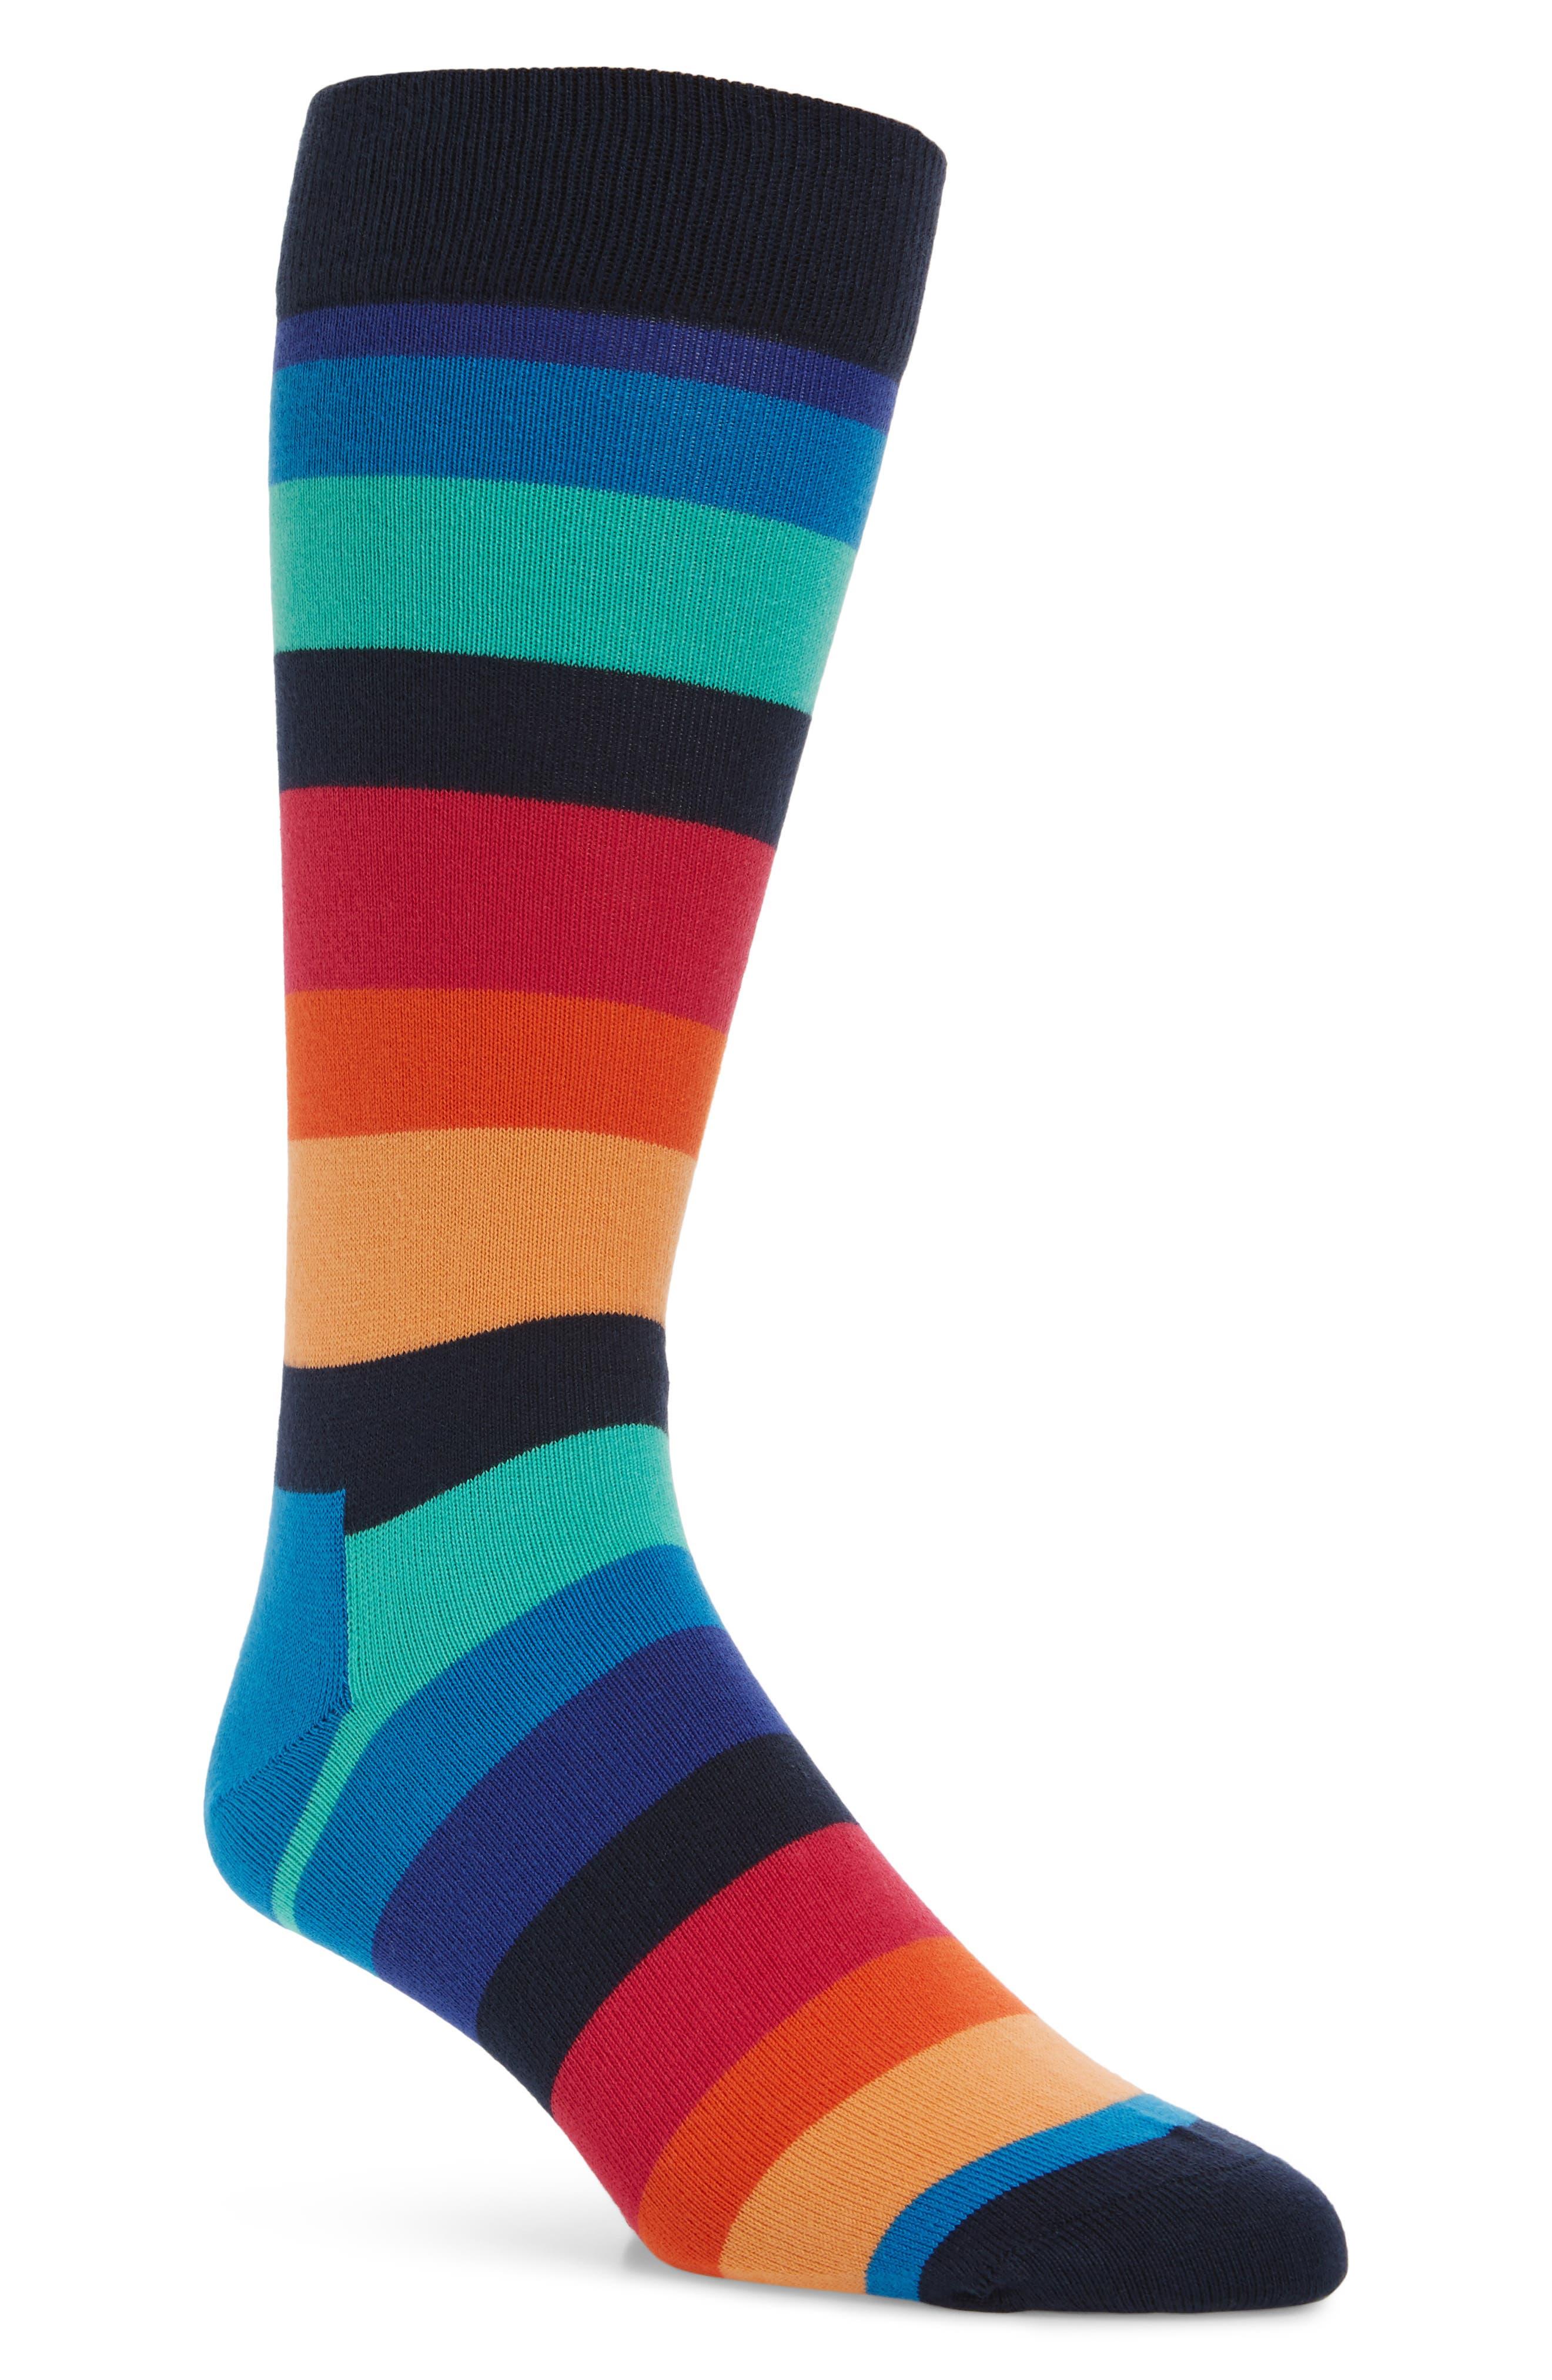 Stripe Socks,                         Main,                         color, Blue Multi